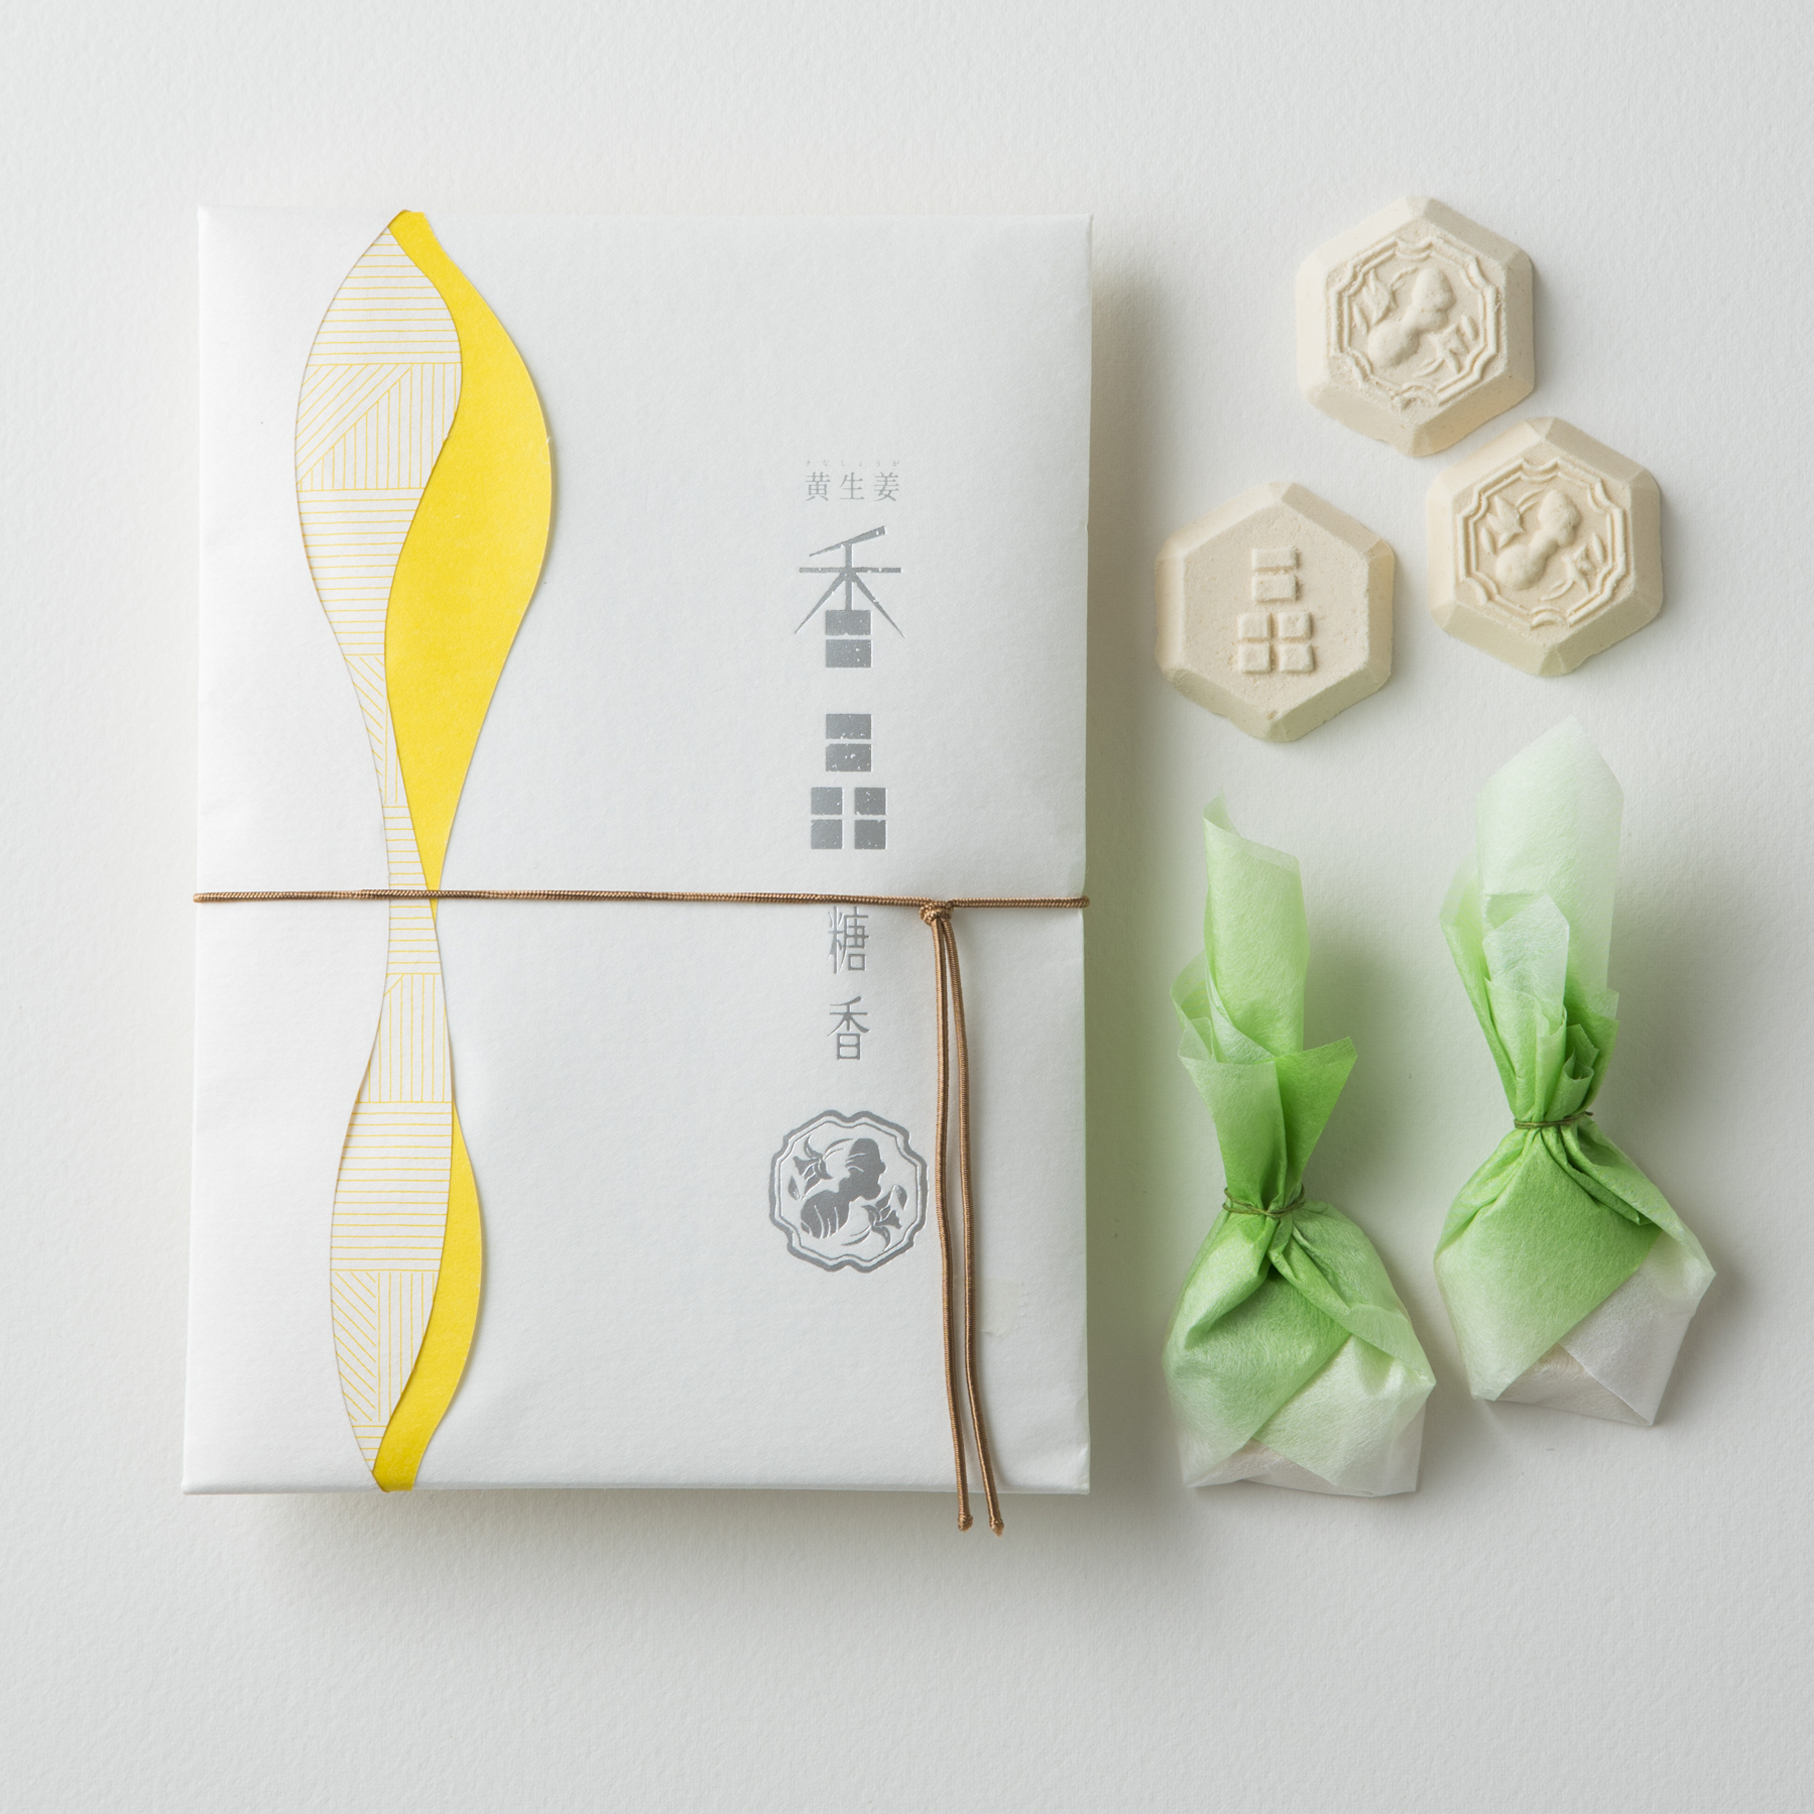 黄生姜(きなしょうが) 香晶〜糖香〜